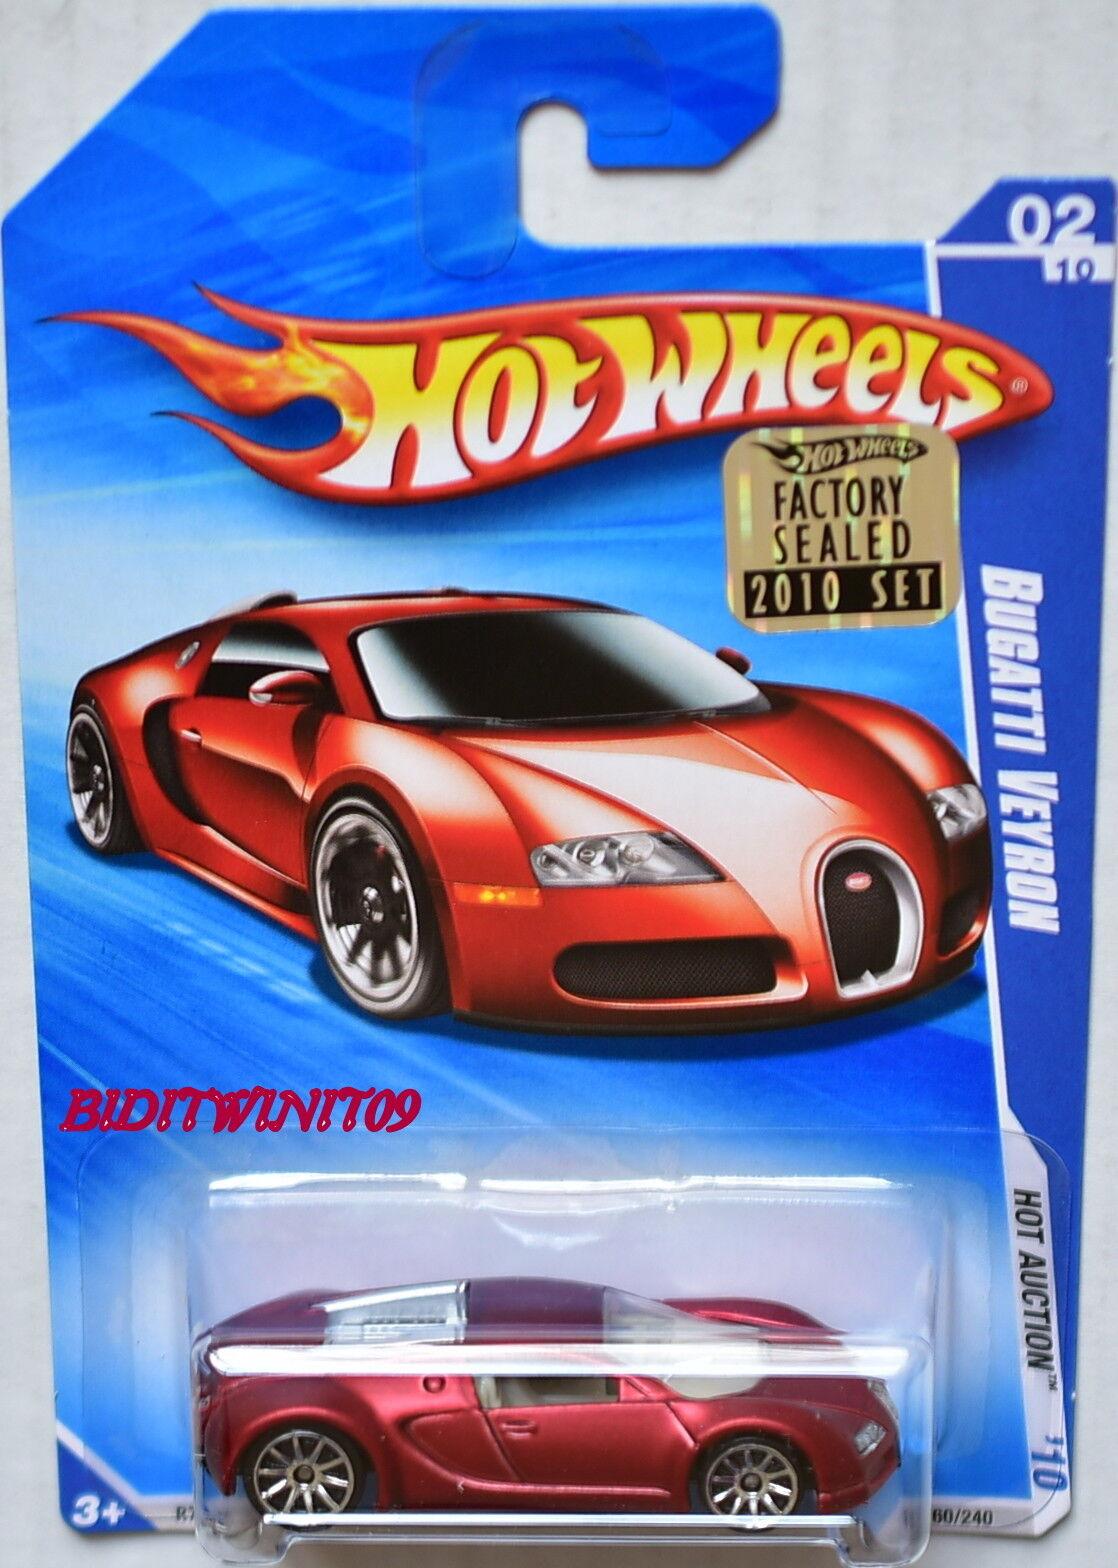 Hot Wheels 2010 HOT AUCTION BUGATTI VEYRON  02 10 Satin Rouge Factory Sealed W +